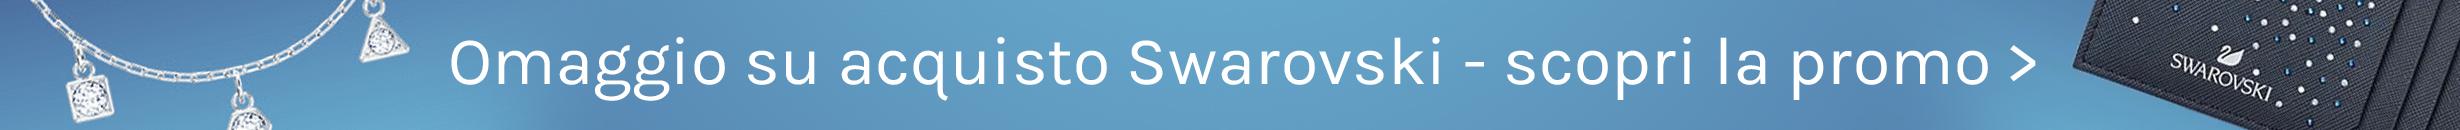 Omaggio su acquisto Swarovski, scopri la promo